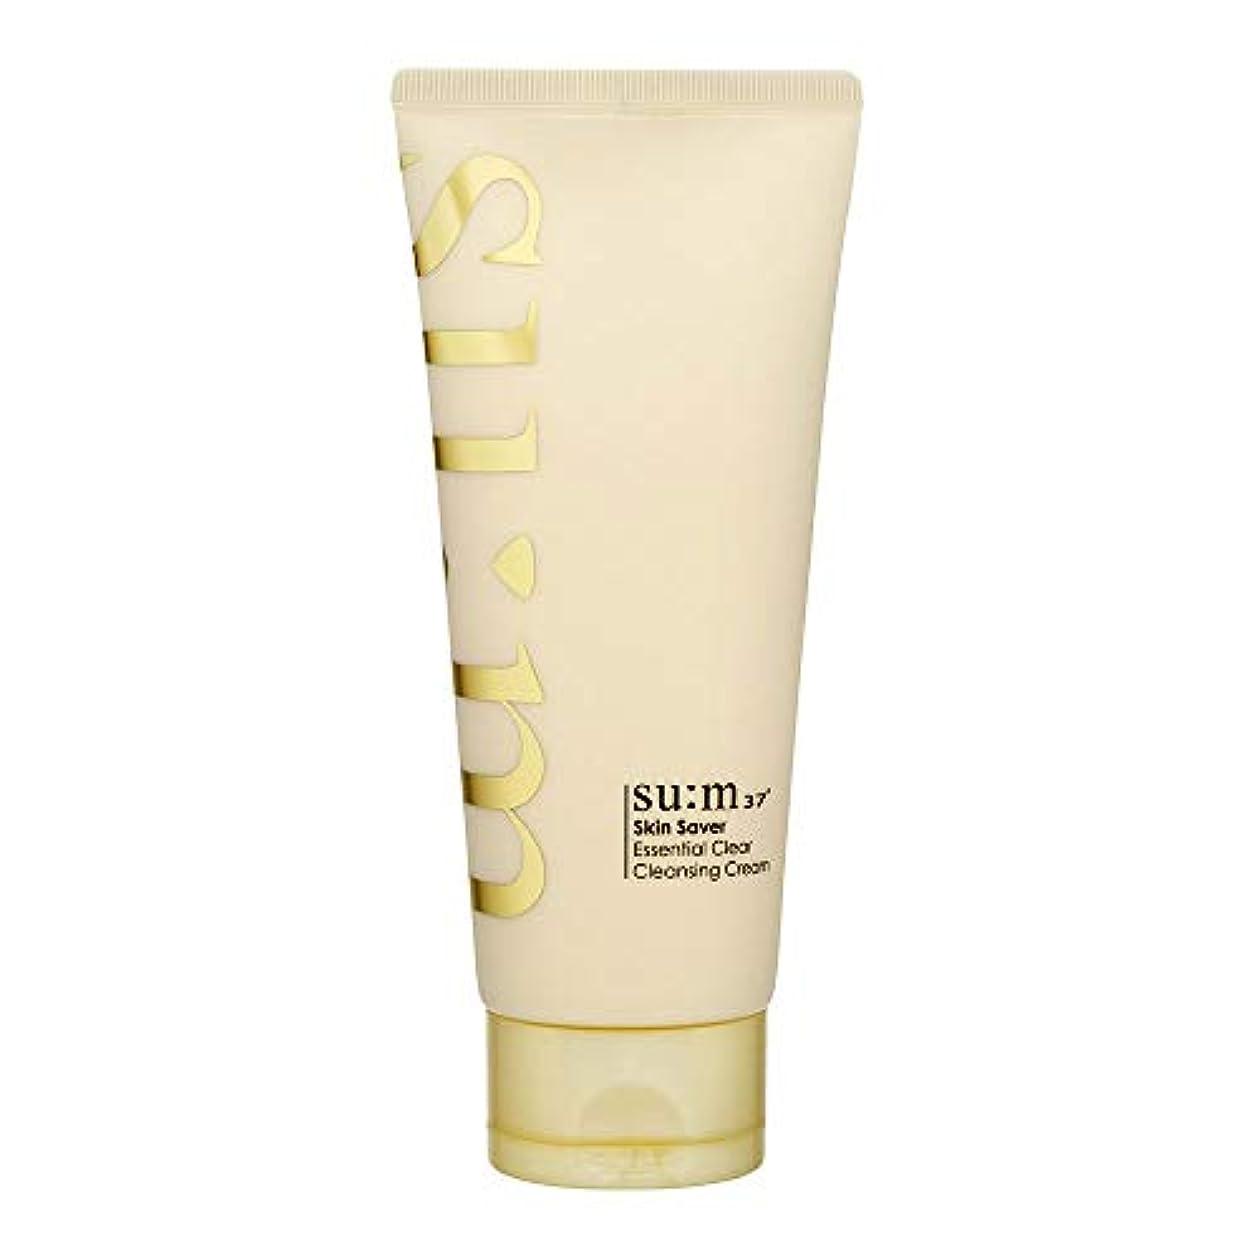 ケープ品種灰[スム37°] Sum37° スキンセイバー エッセンシャルクリアクレンジングクリーム  Skin saver Essential Clear Cleansing Cream (海外直送品) [並行輸入品]